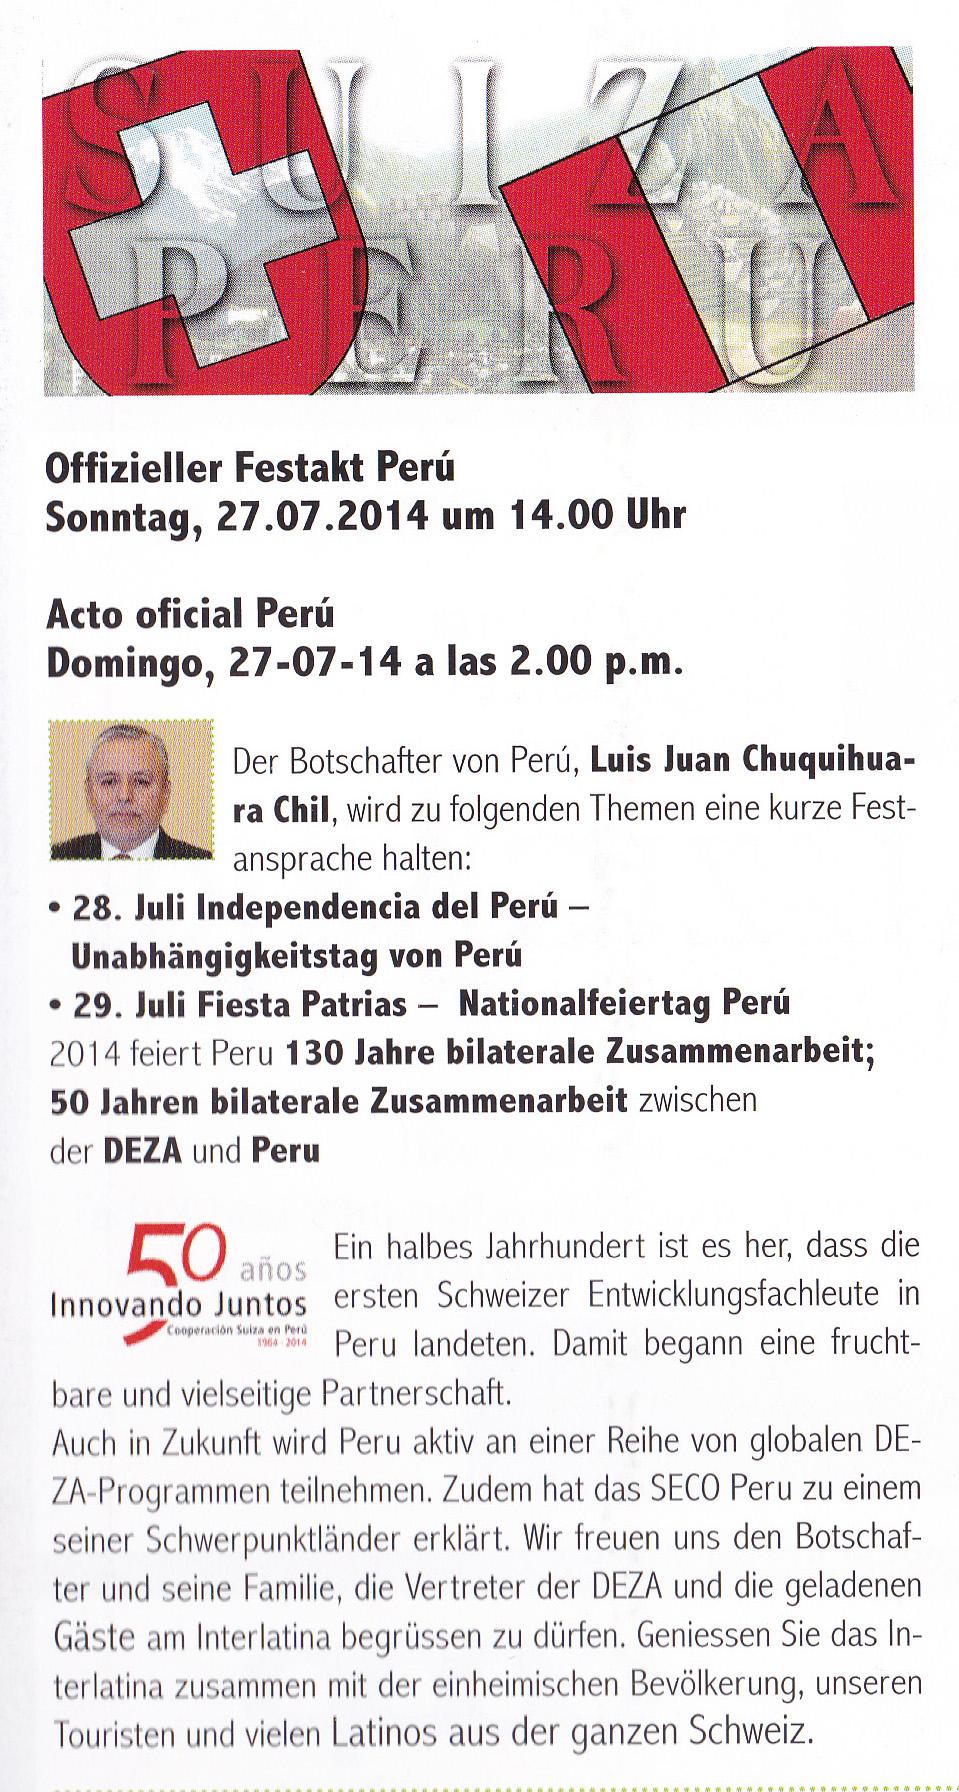 interlatina_acto-oficial-peru